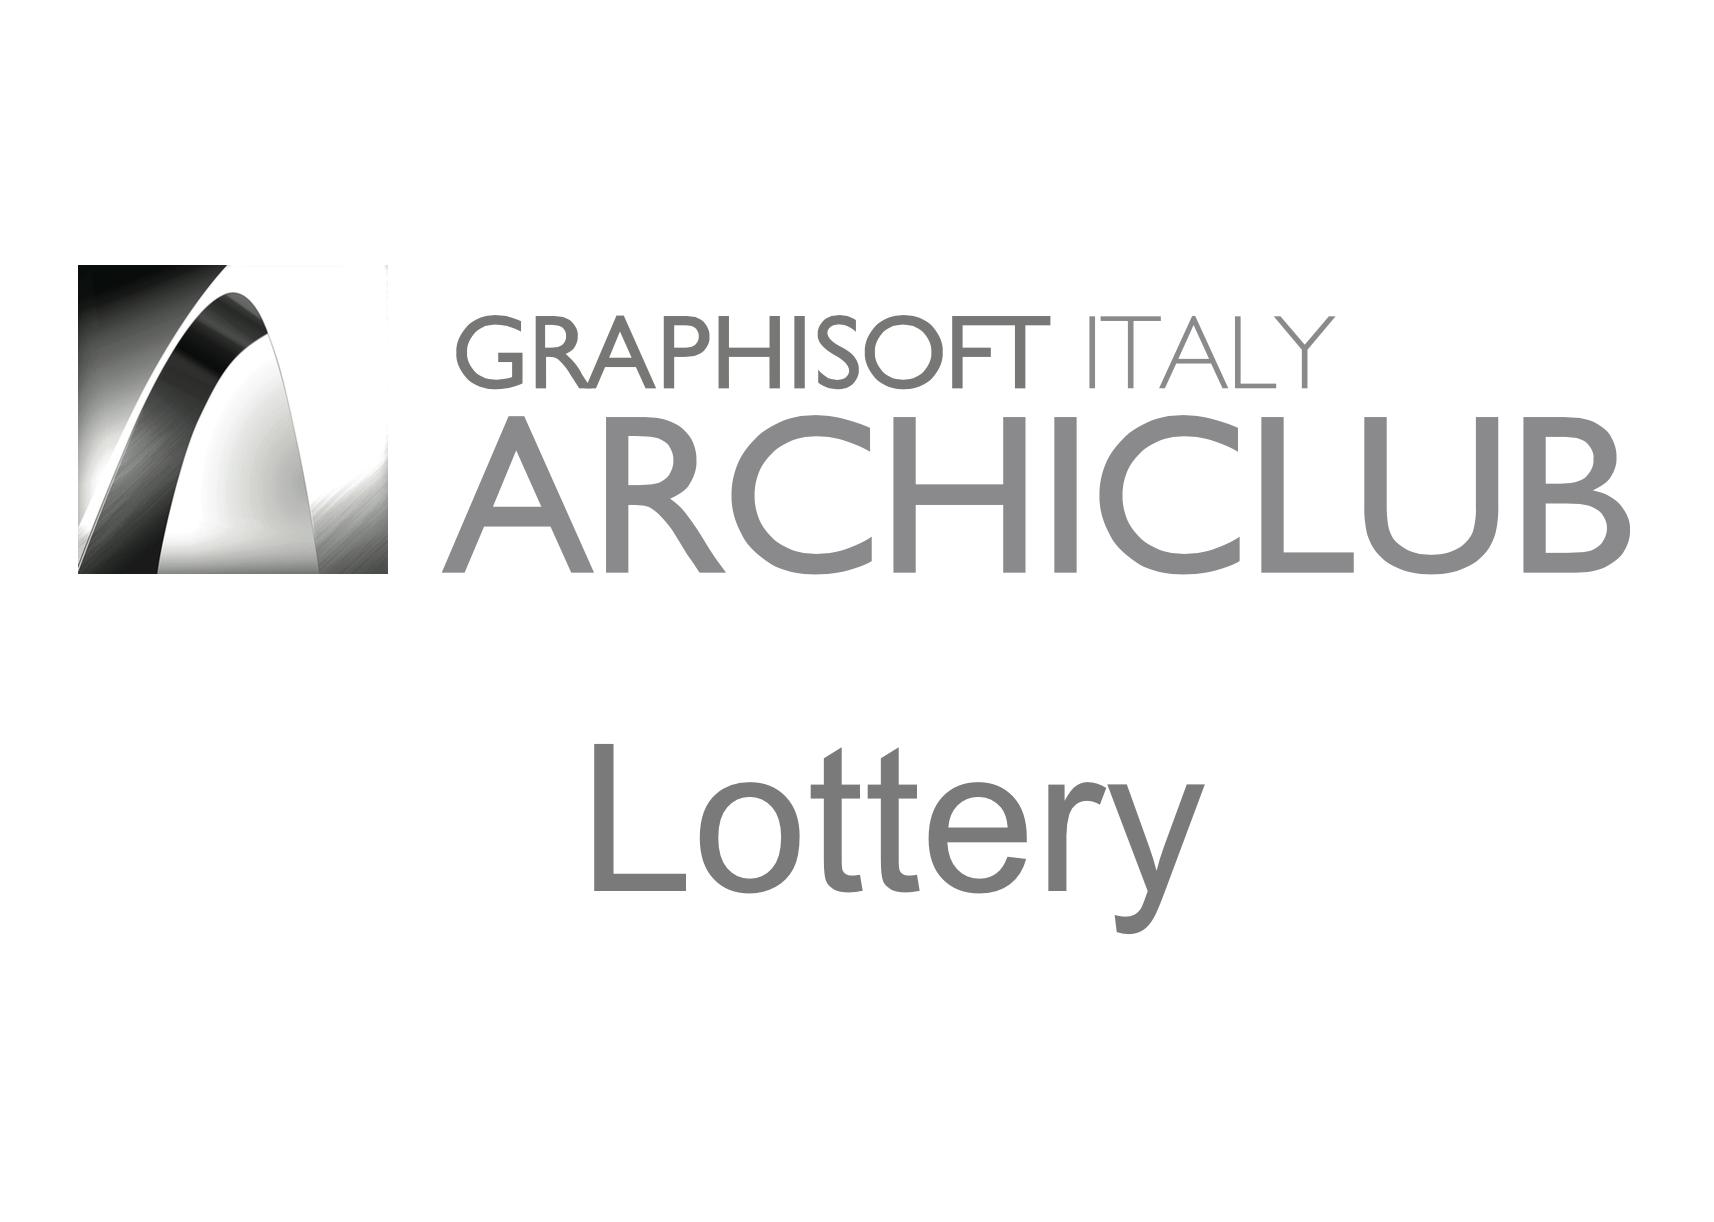 Achiclub Lottery